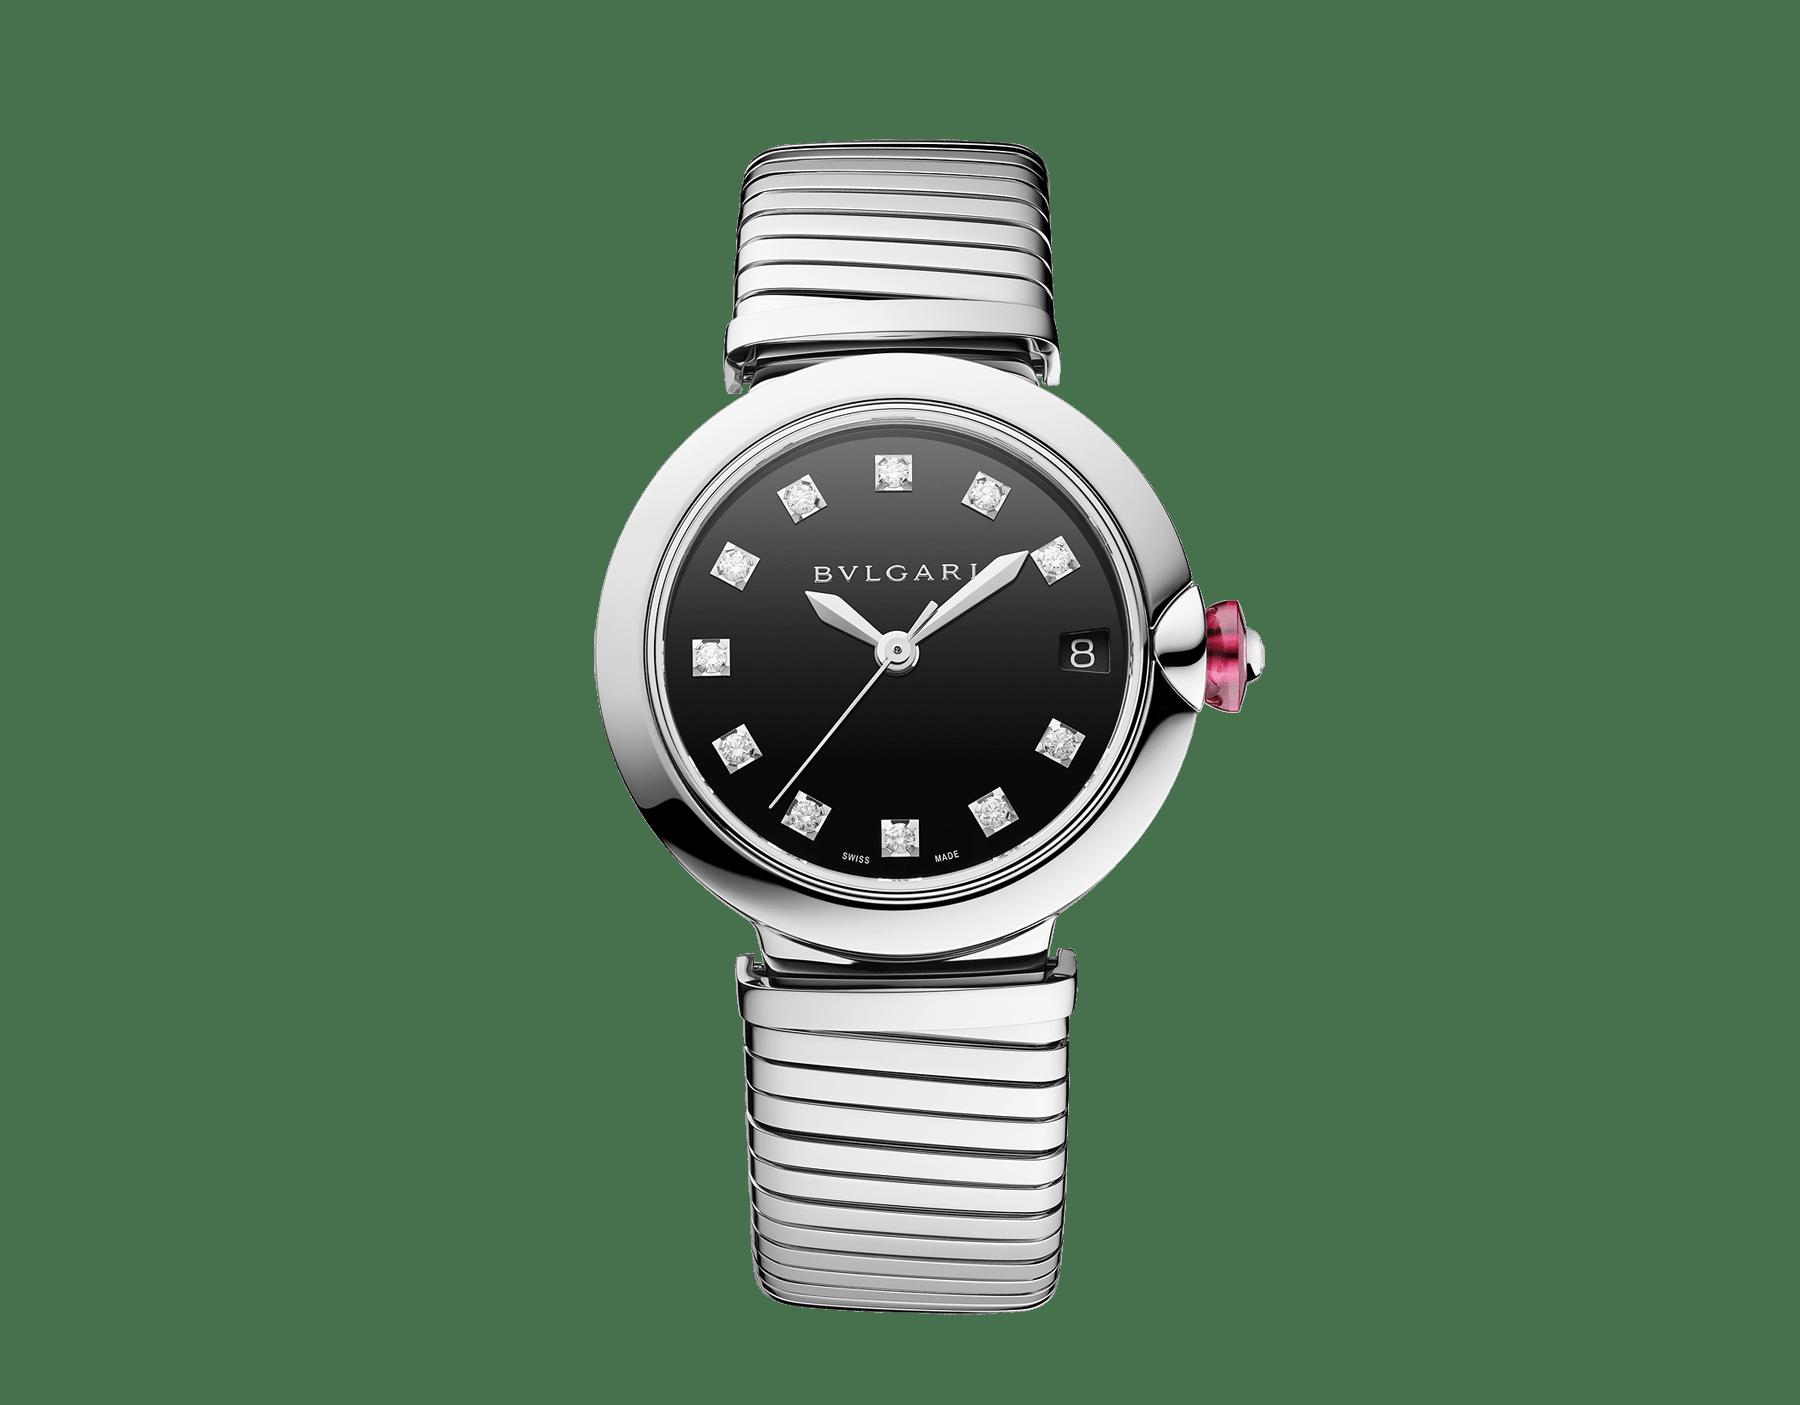 LVCEA Tubogas光环腕表,精钢表壳和Tubogas表链,搭配黑色漆面表盘和钻石时标。 102953 image 1